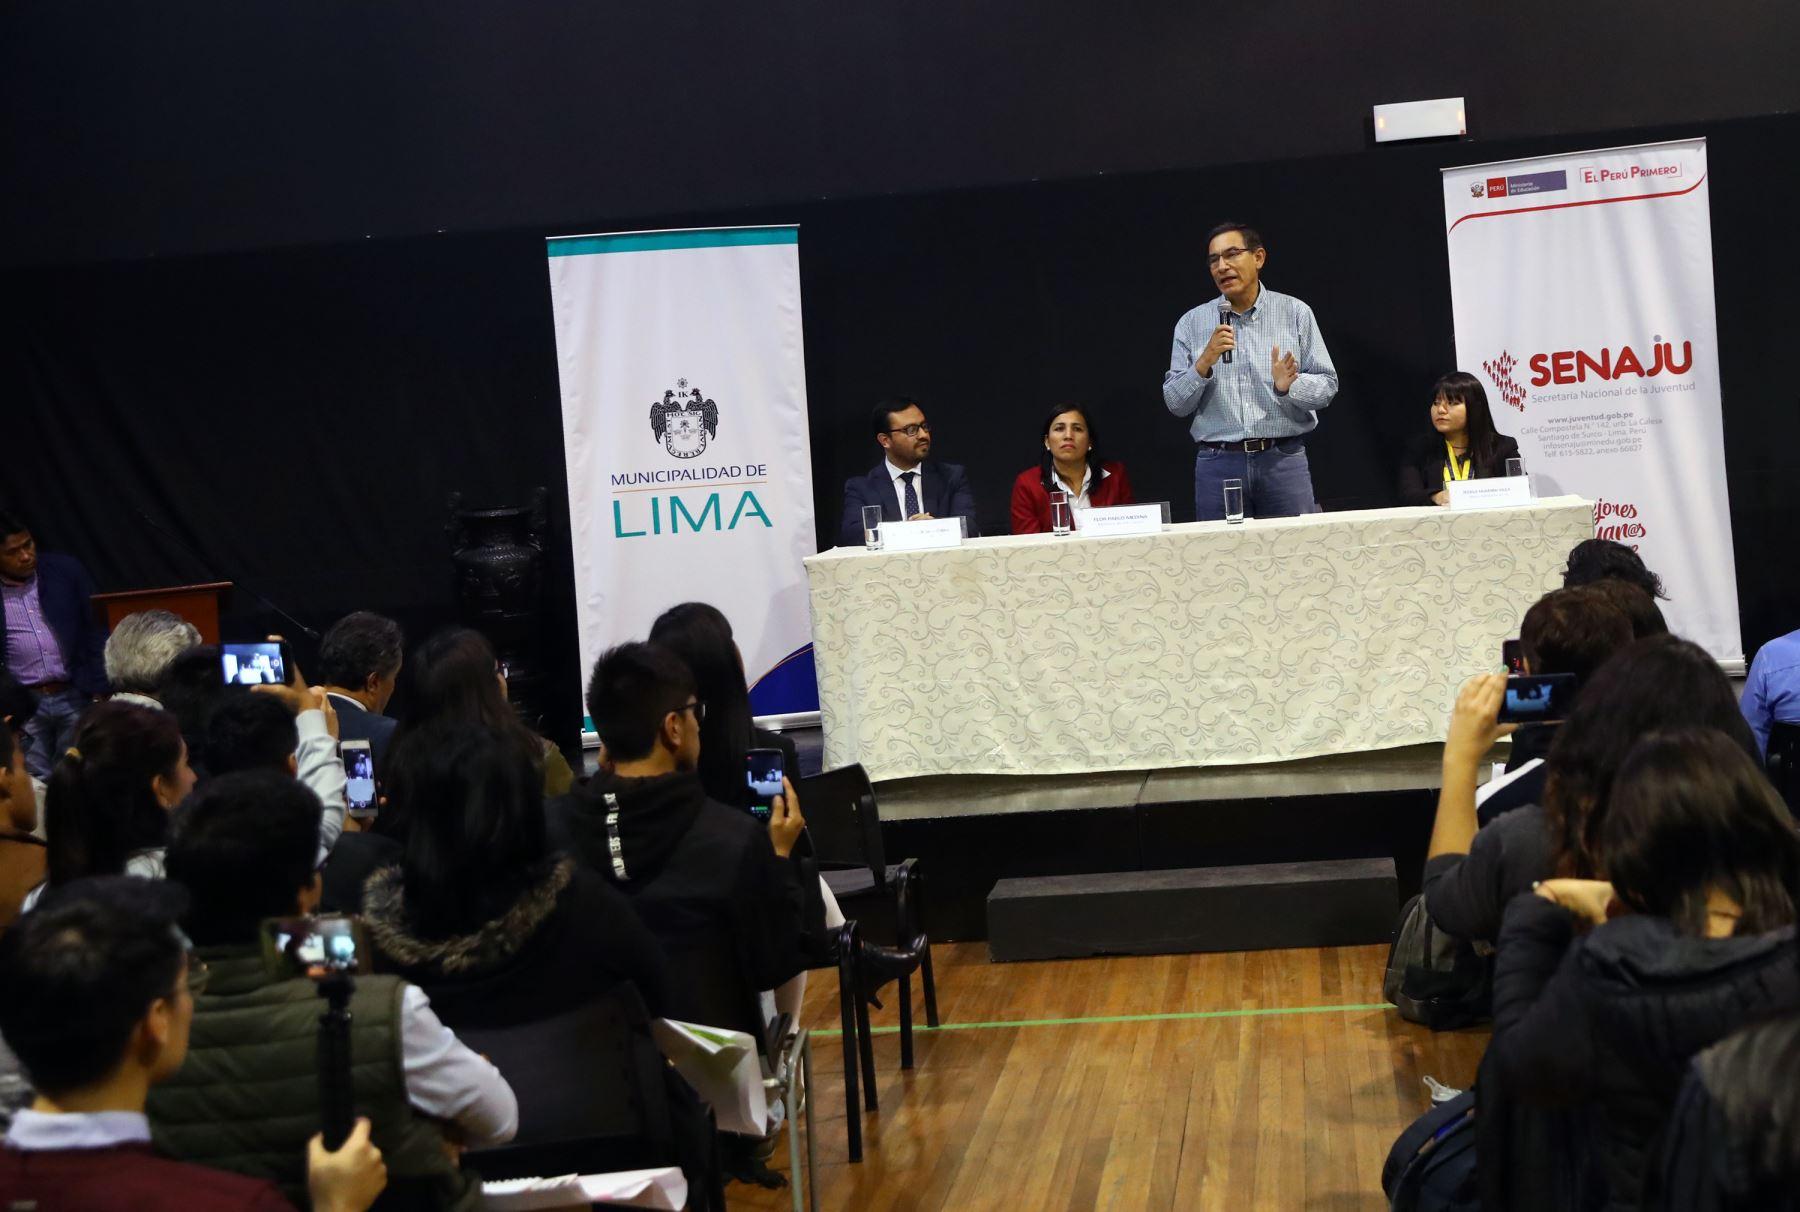 Presidente Martin Vizcarra se reunio con 120 jóvenes líderes de Lima Metropolitana quienes darán a conocer los problemas sociales y económicos Foto: ANDINA/Norman Córdova